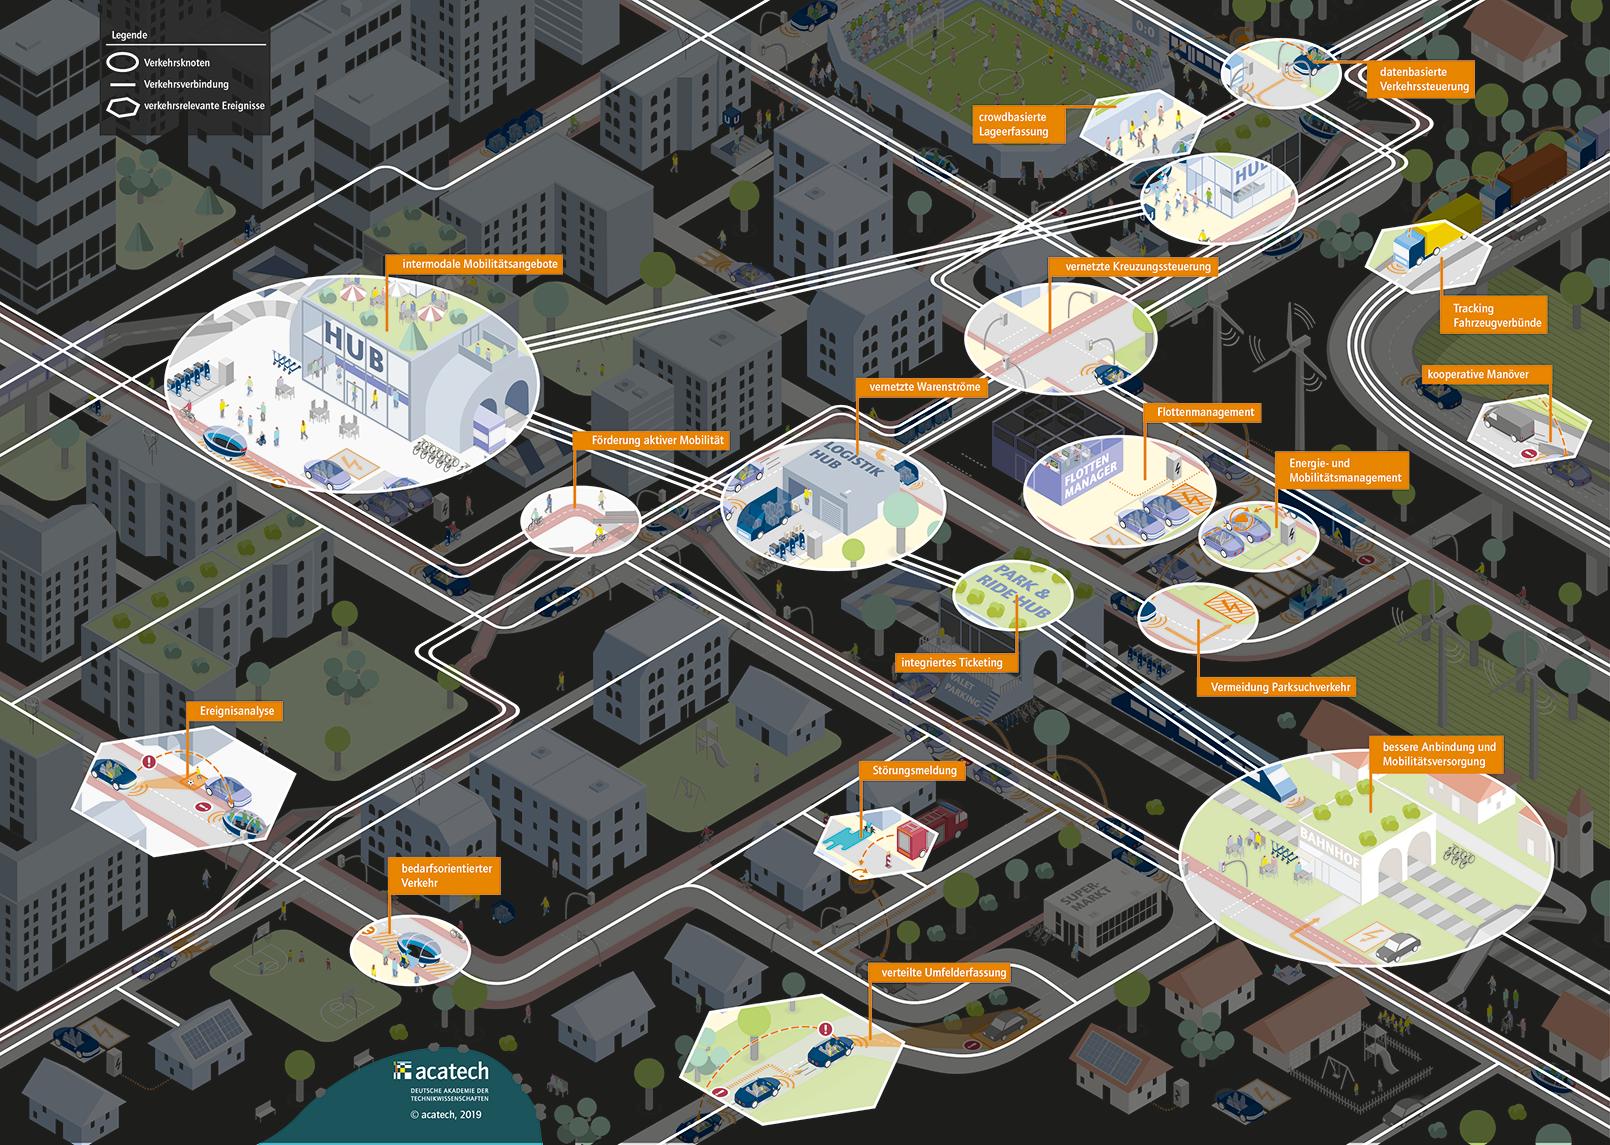 Systemisches Zielbild: Ebene des Mobilitäts- und Verkehrsmanagements